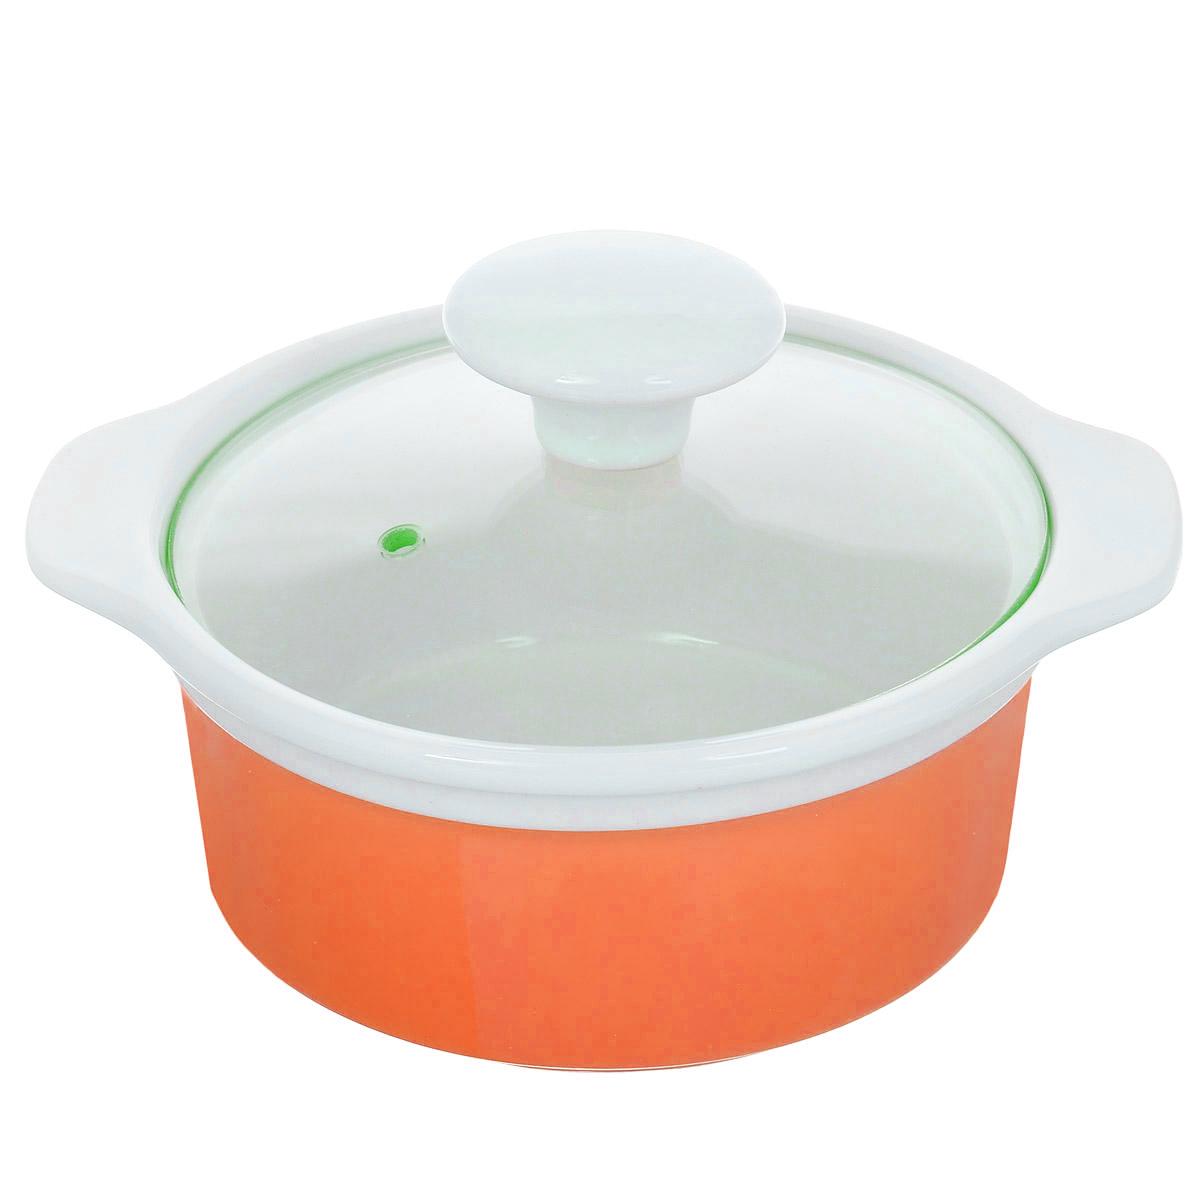 Кастрюля с крышкой, цвет: оранжевый, 0,6 л. CX002S-SR (F)